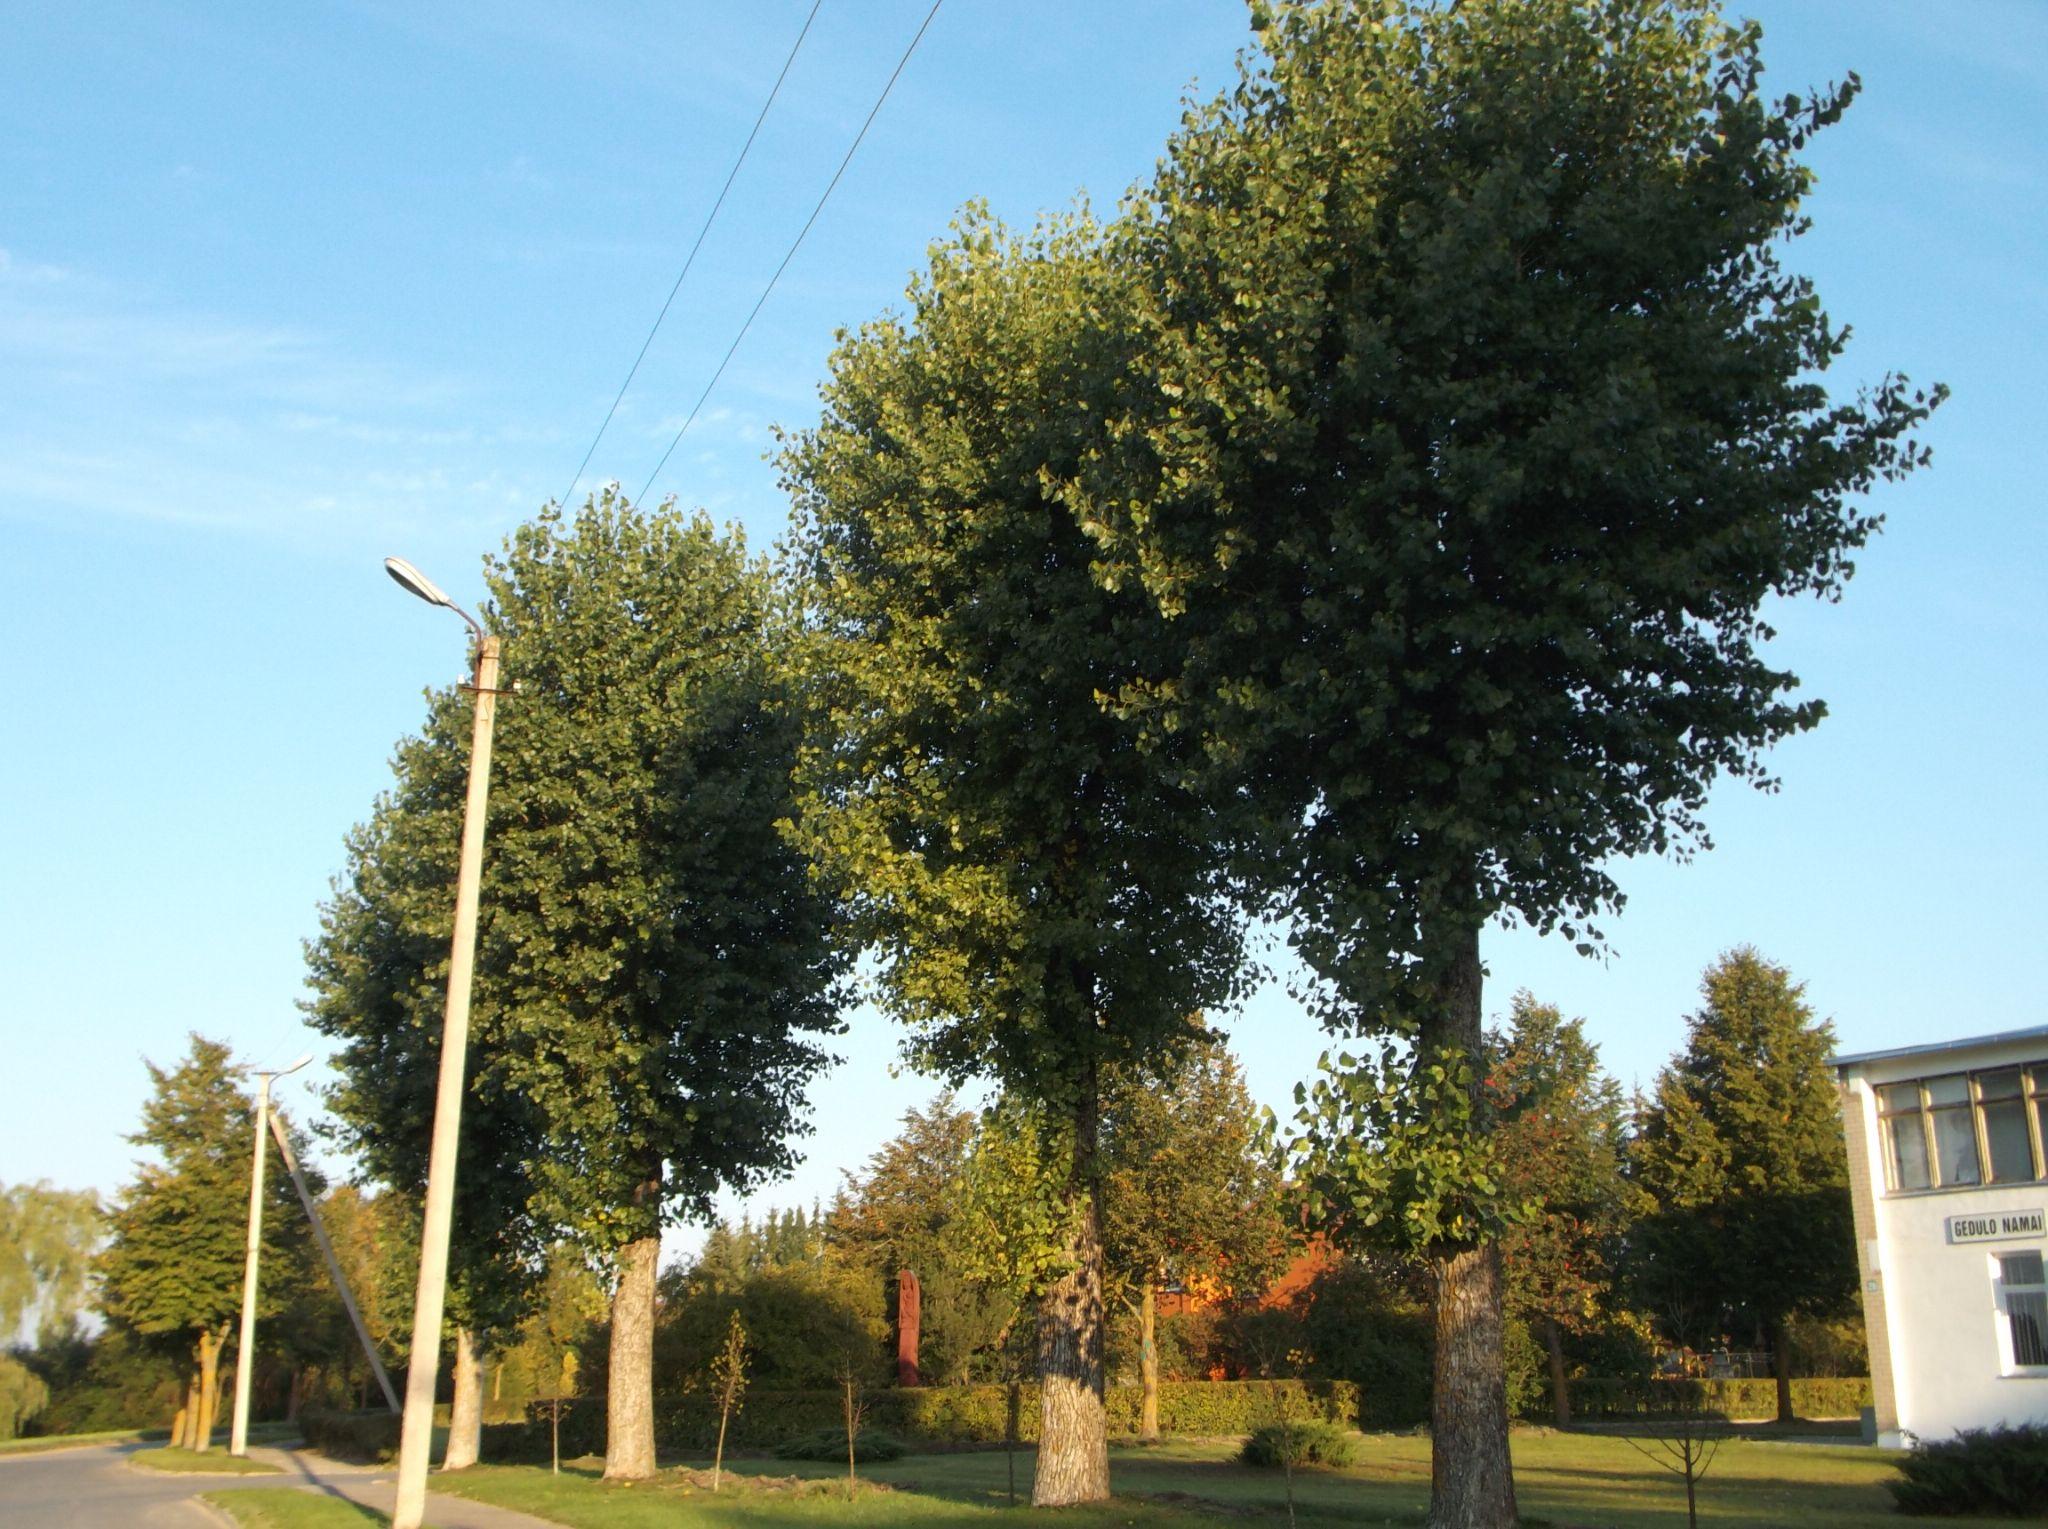 Trees to the street. by Zita Užkuraitienė